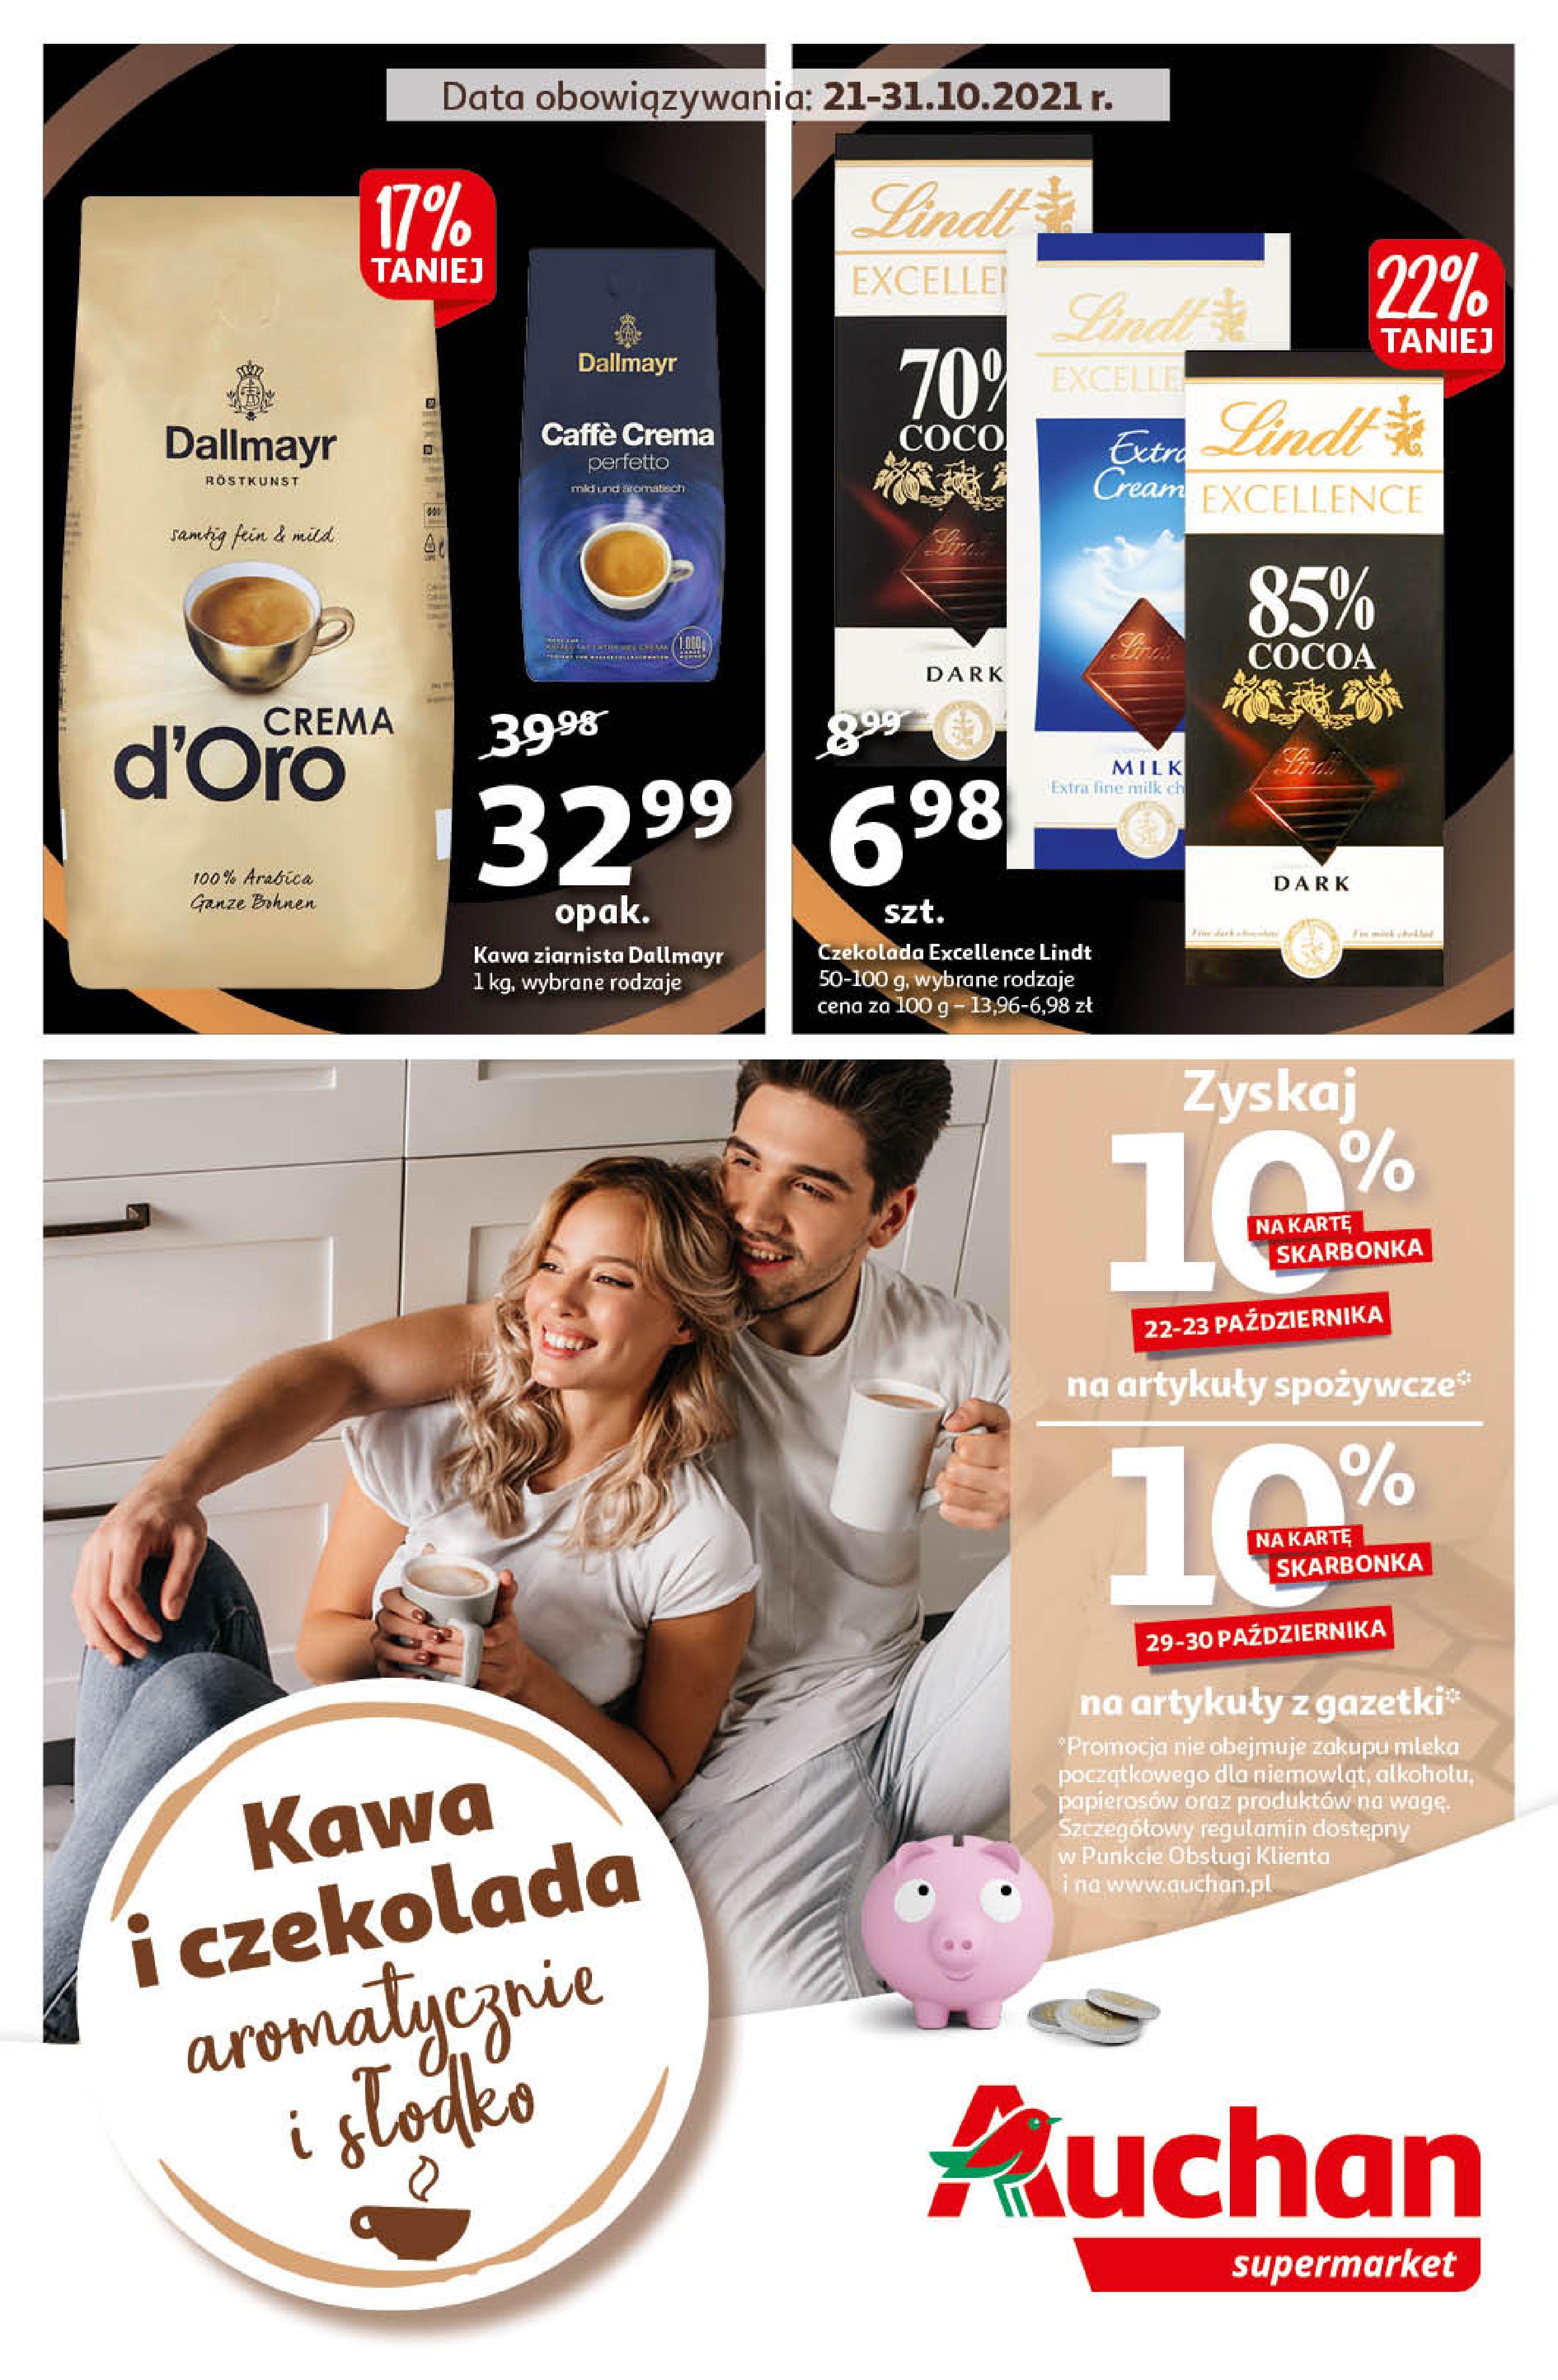 Gazetka Auchan: Gazetka Auchan - Kawa i czekolada aromatycznie i słodko Supermarkety - 20.10.2021